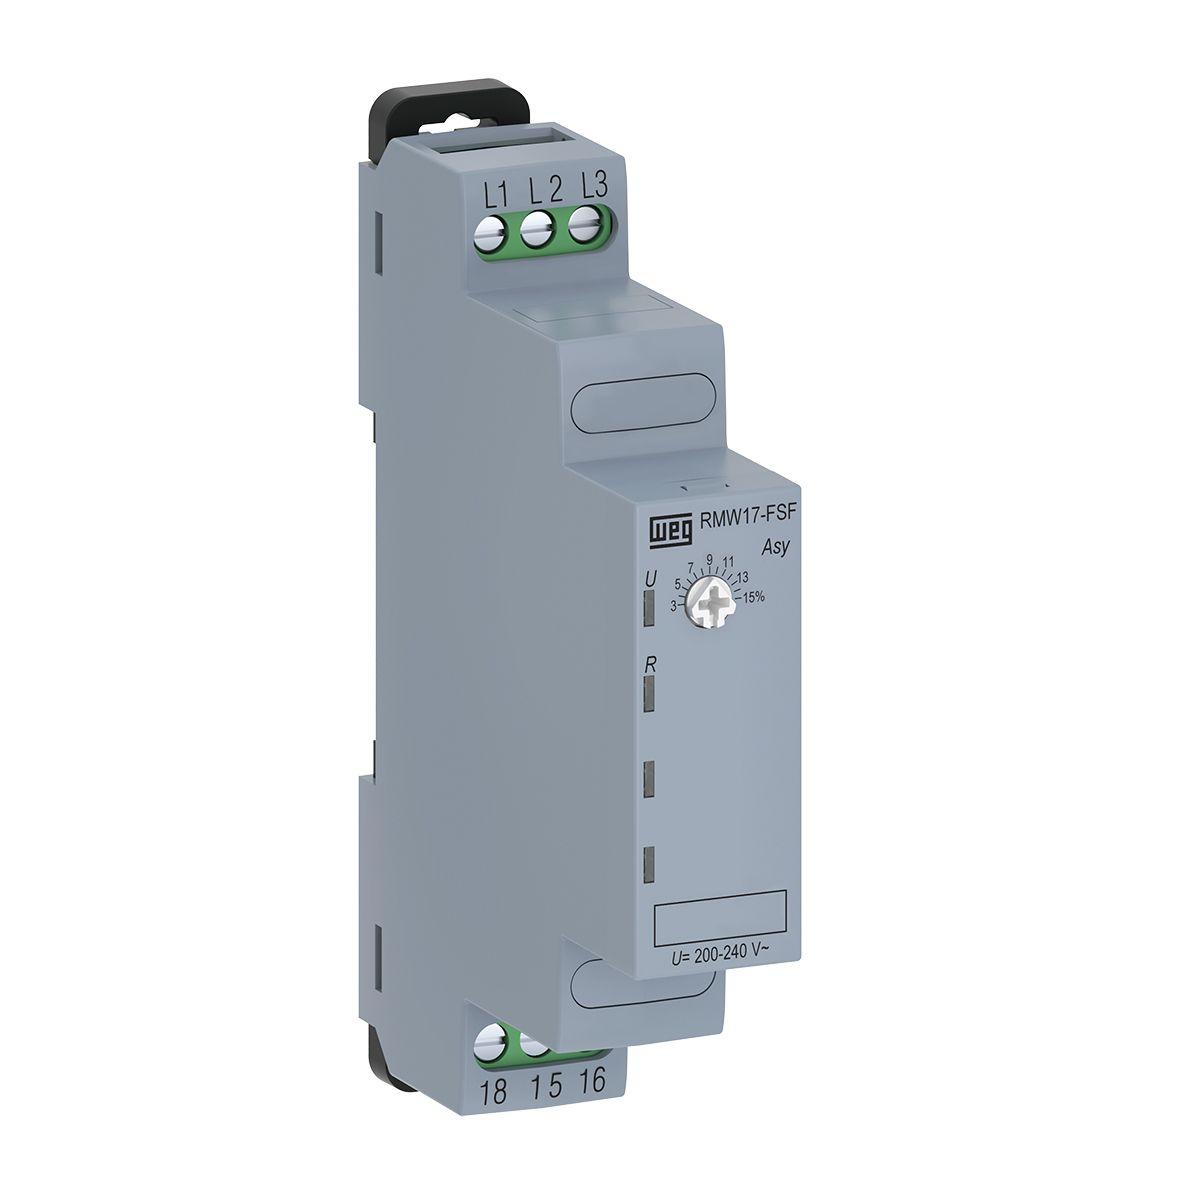 Relé de Proteção Falta/Sequência de Fase 220V RMW17-FSF WEG